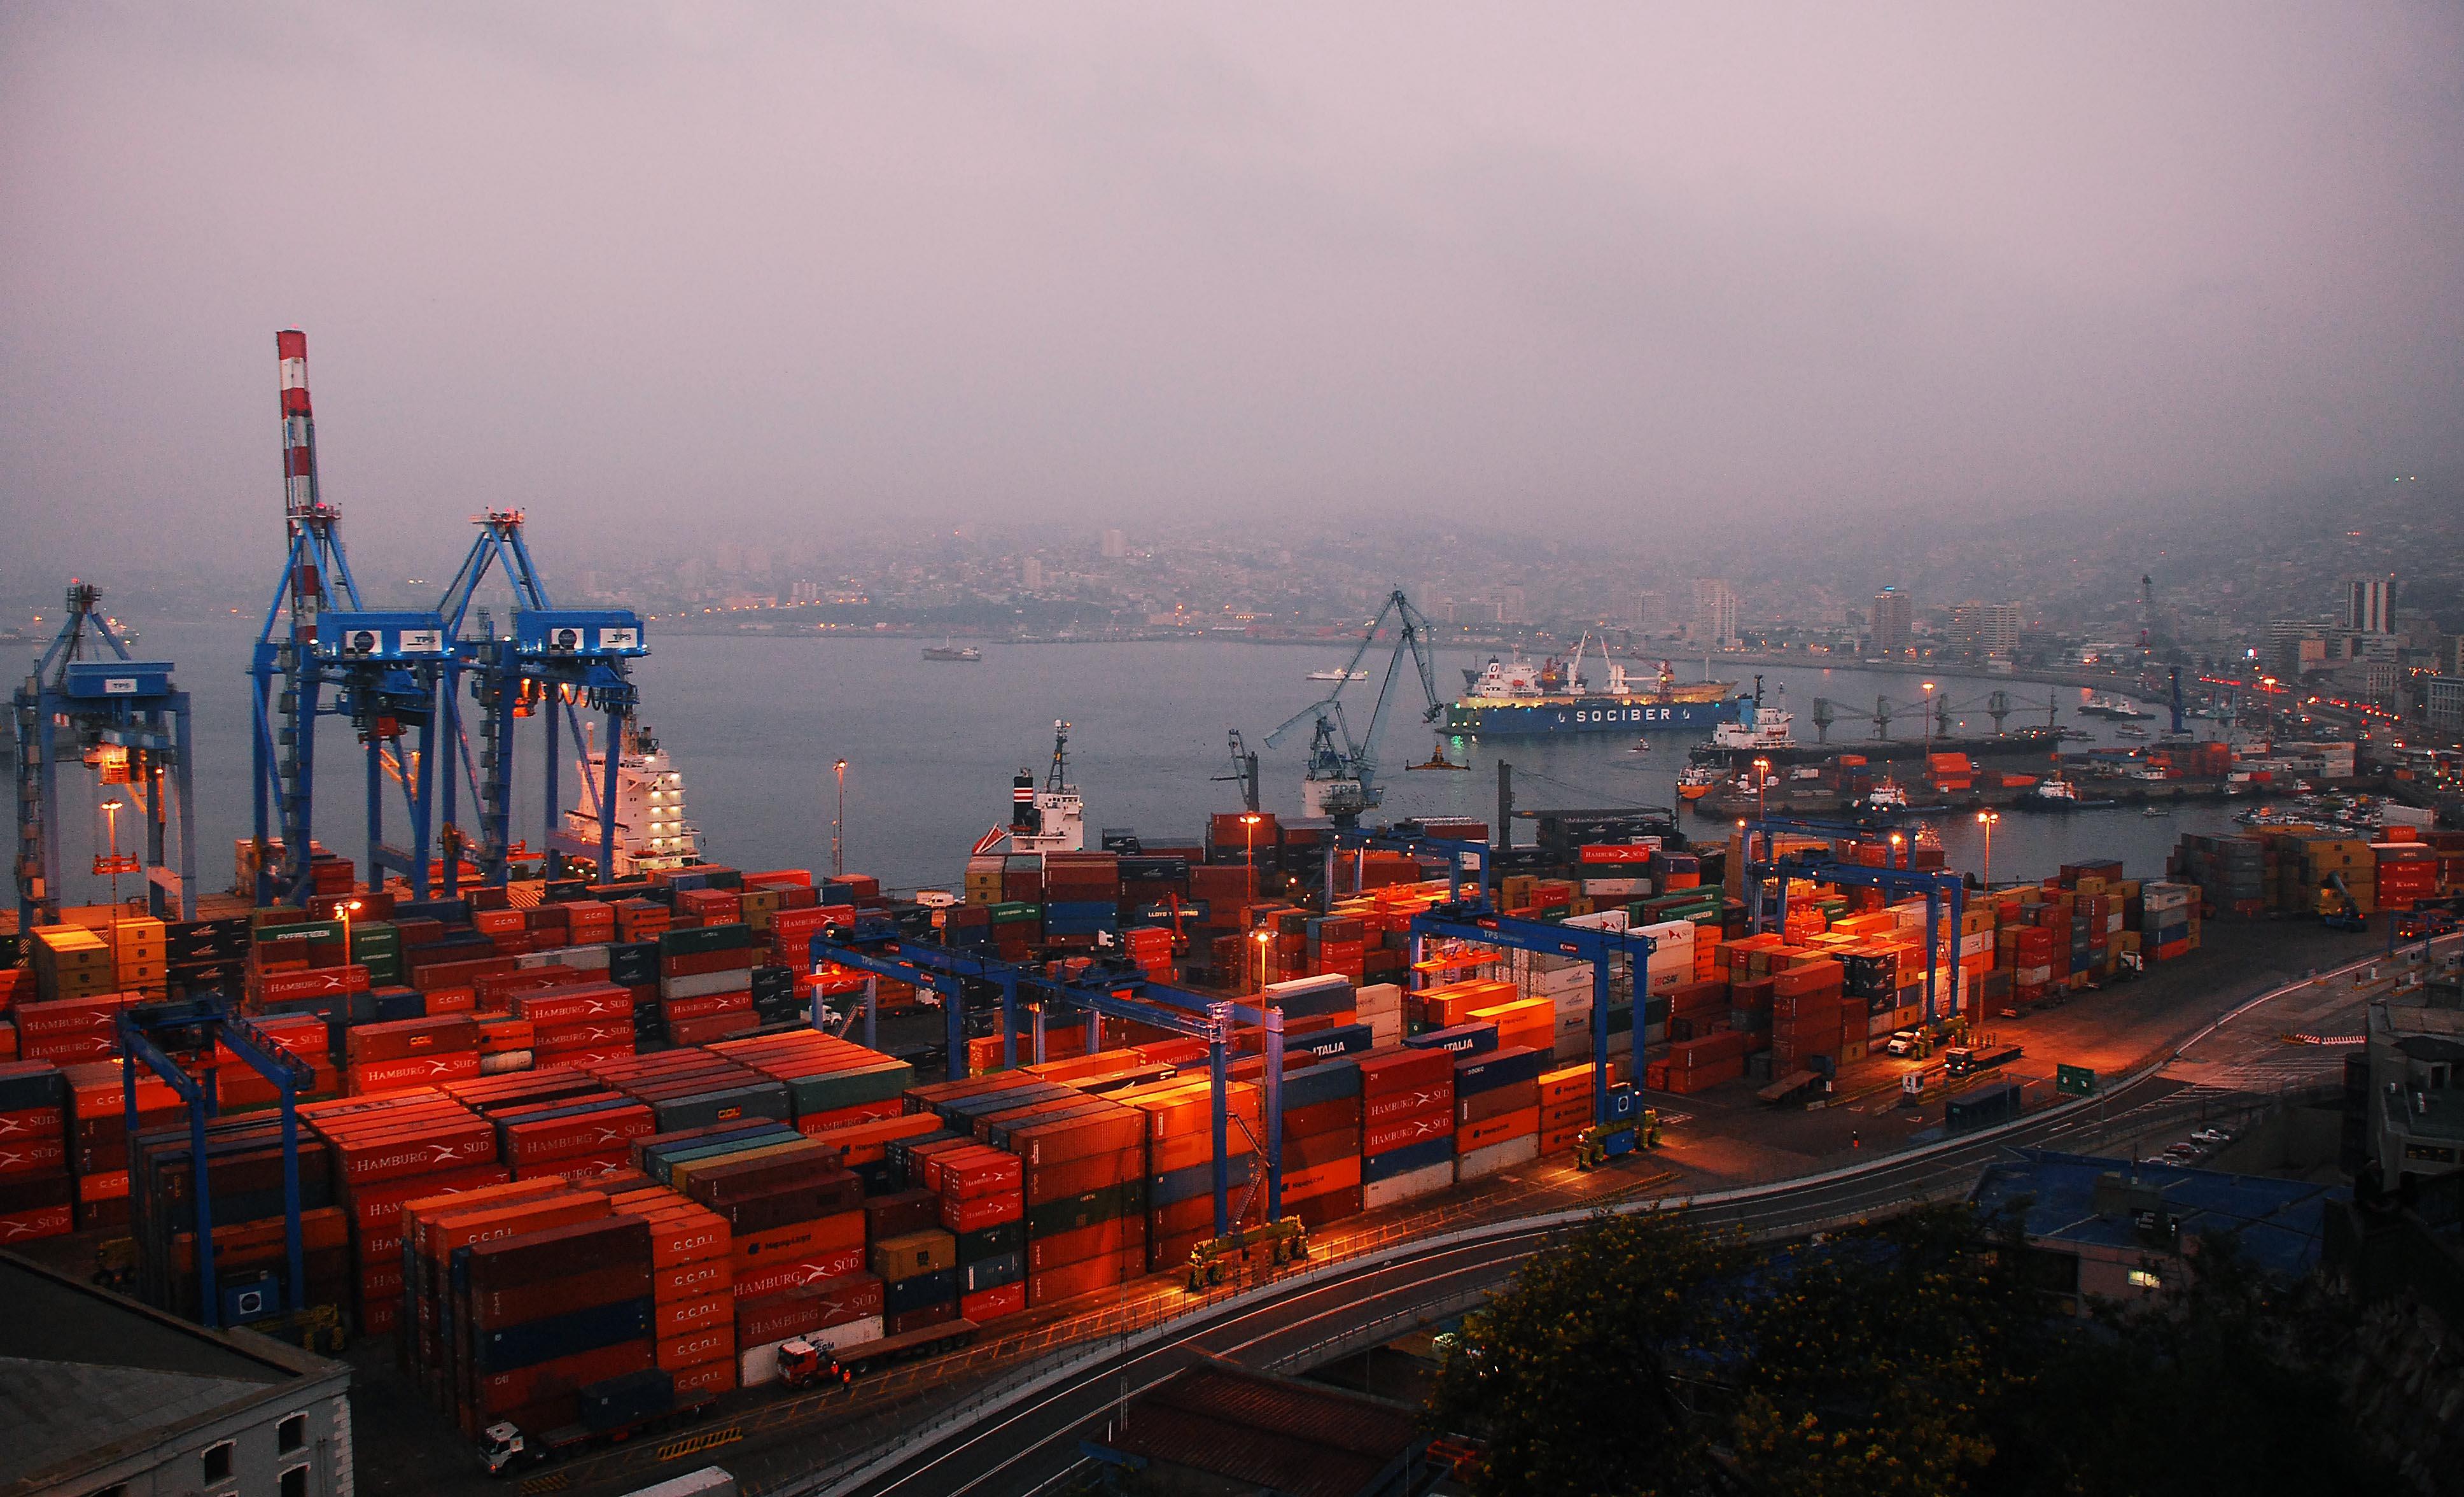 Di logo sostenible en la ciudad puerto en la b squeda de la competitividad de una regi n - Puerto de conexion remota ...